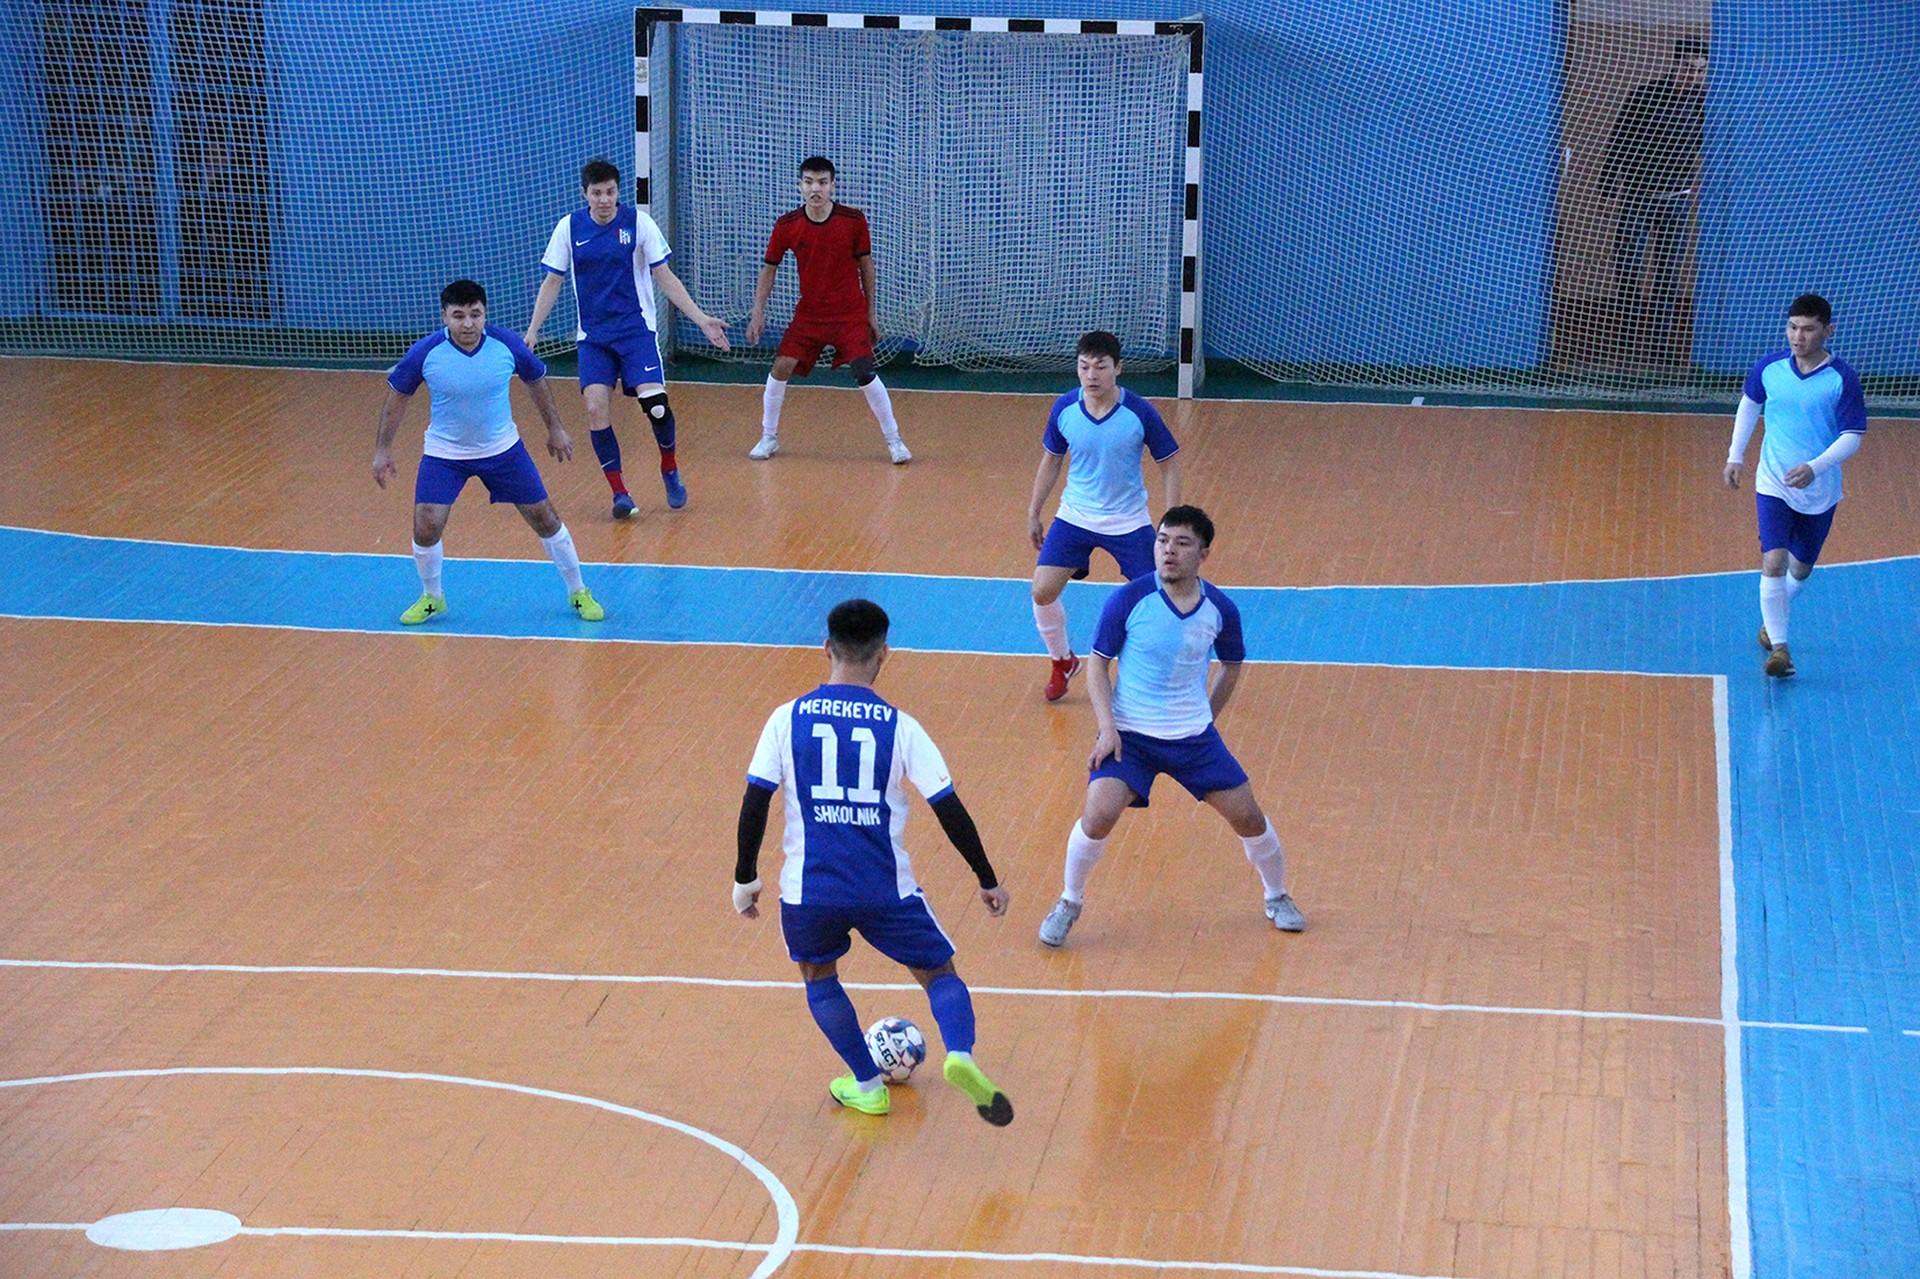 Состоялся Кубок города по мини-футболу в честь памяти Юрия Парнышкова